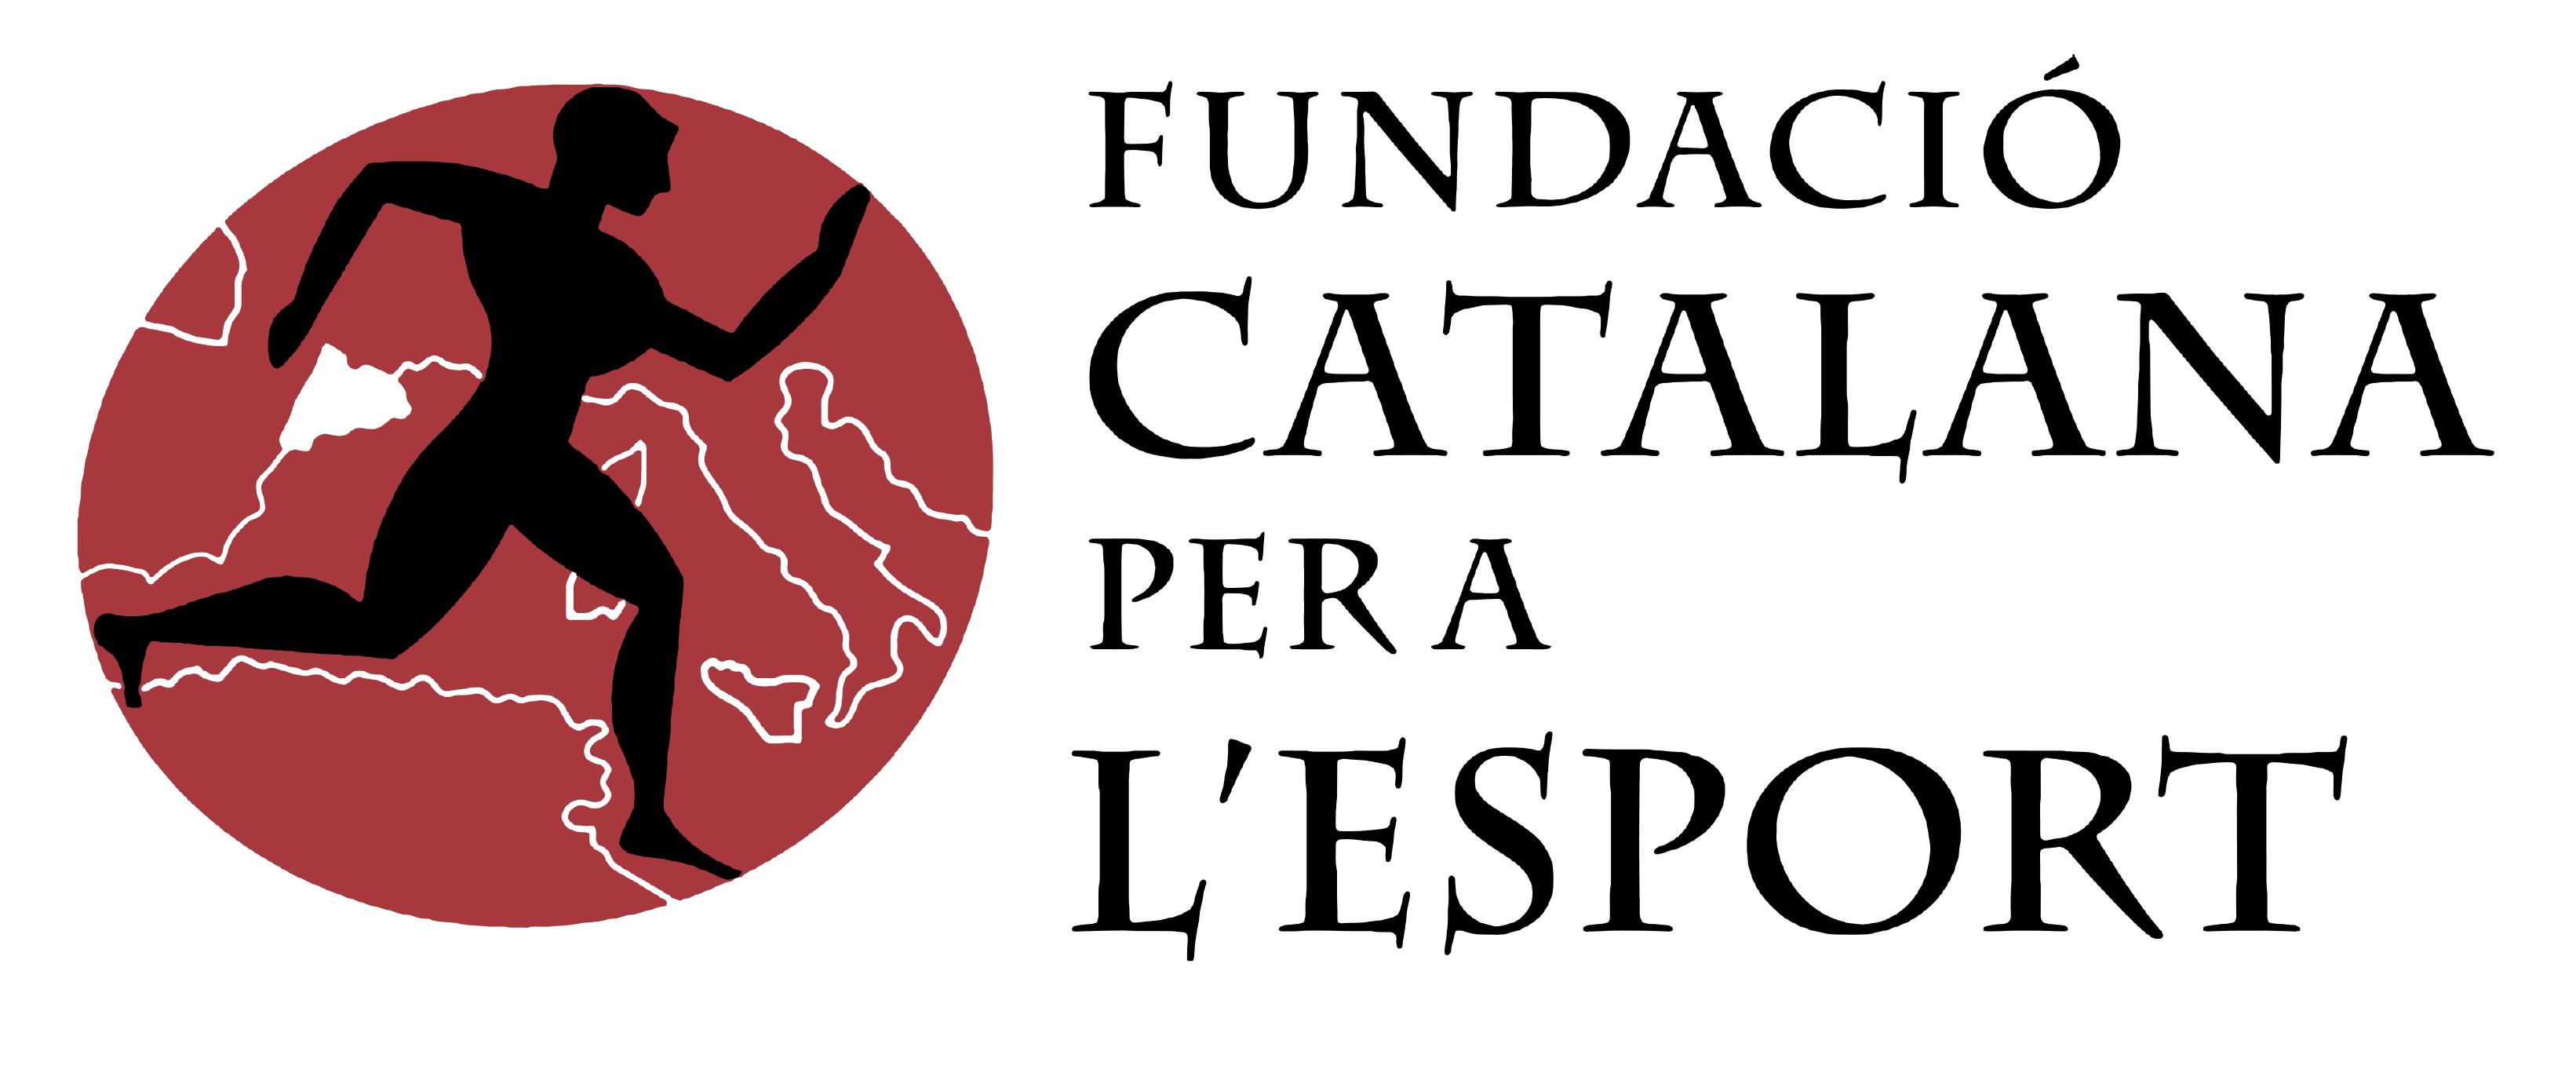 Fundació catalana de l'esport